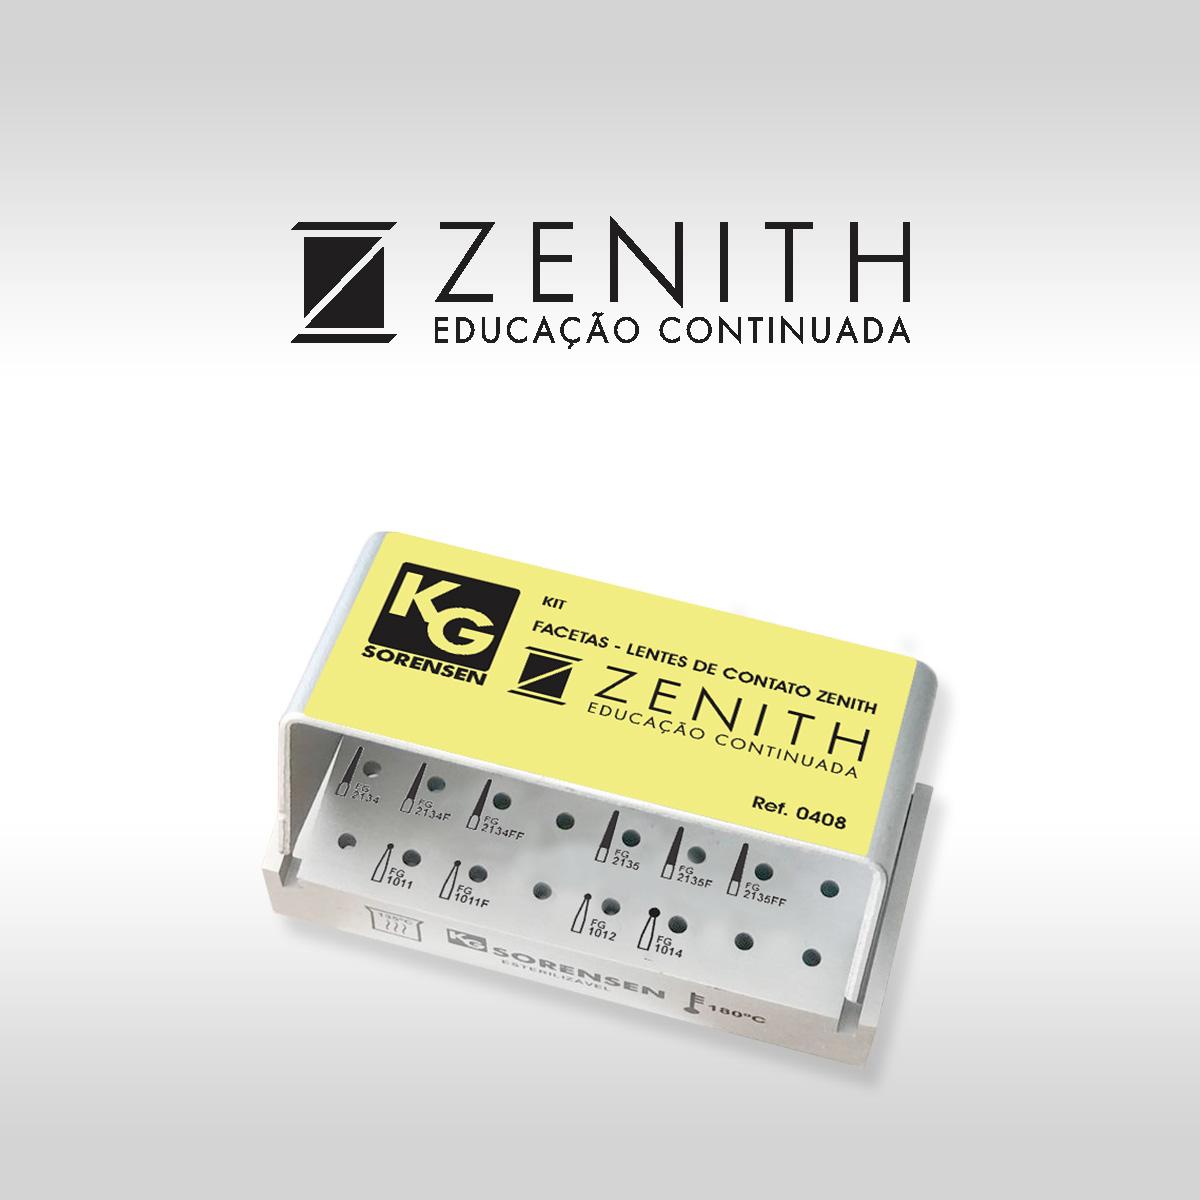 KIT FACETAS -LENTE DE CONTATO ZENITH - Ref 0408 - KG SORENSEN